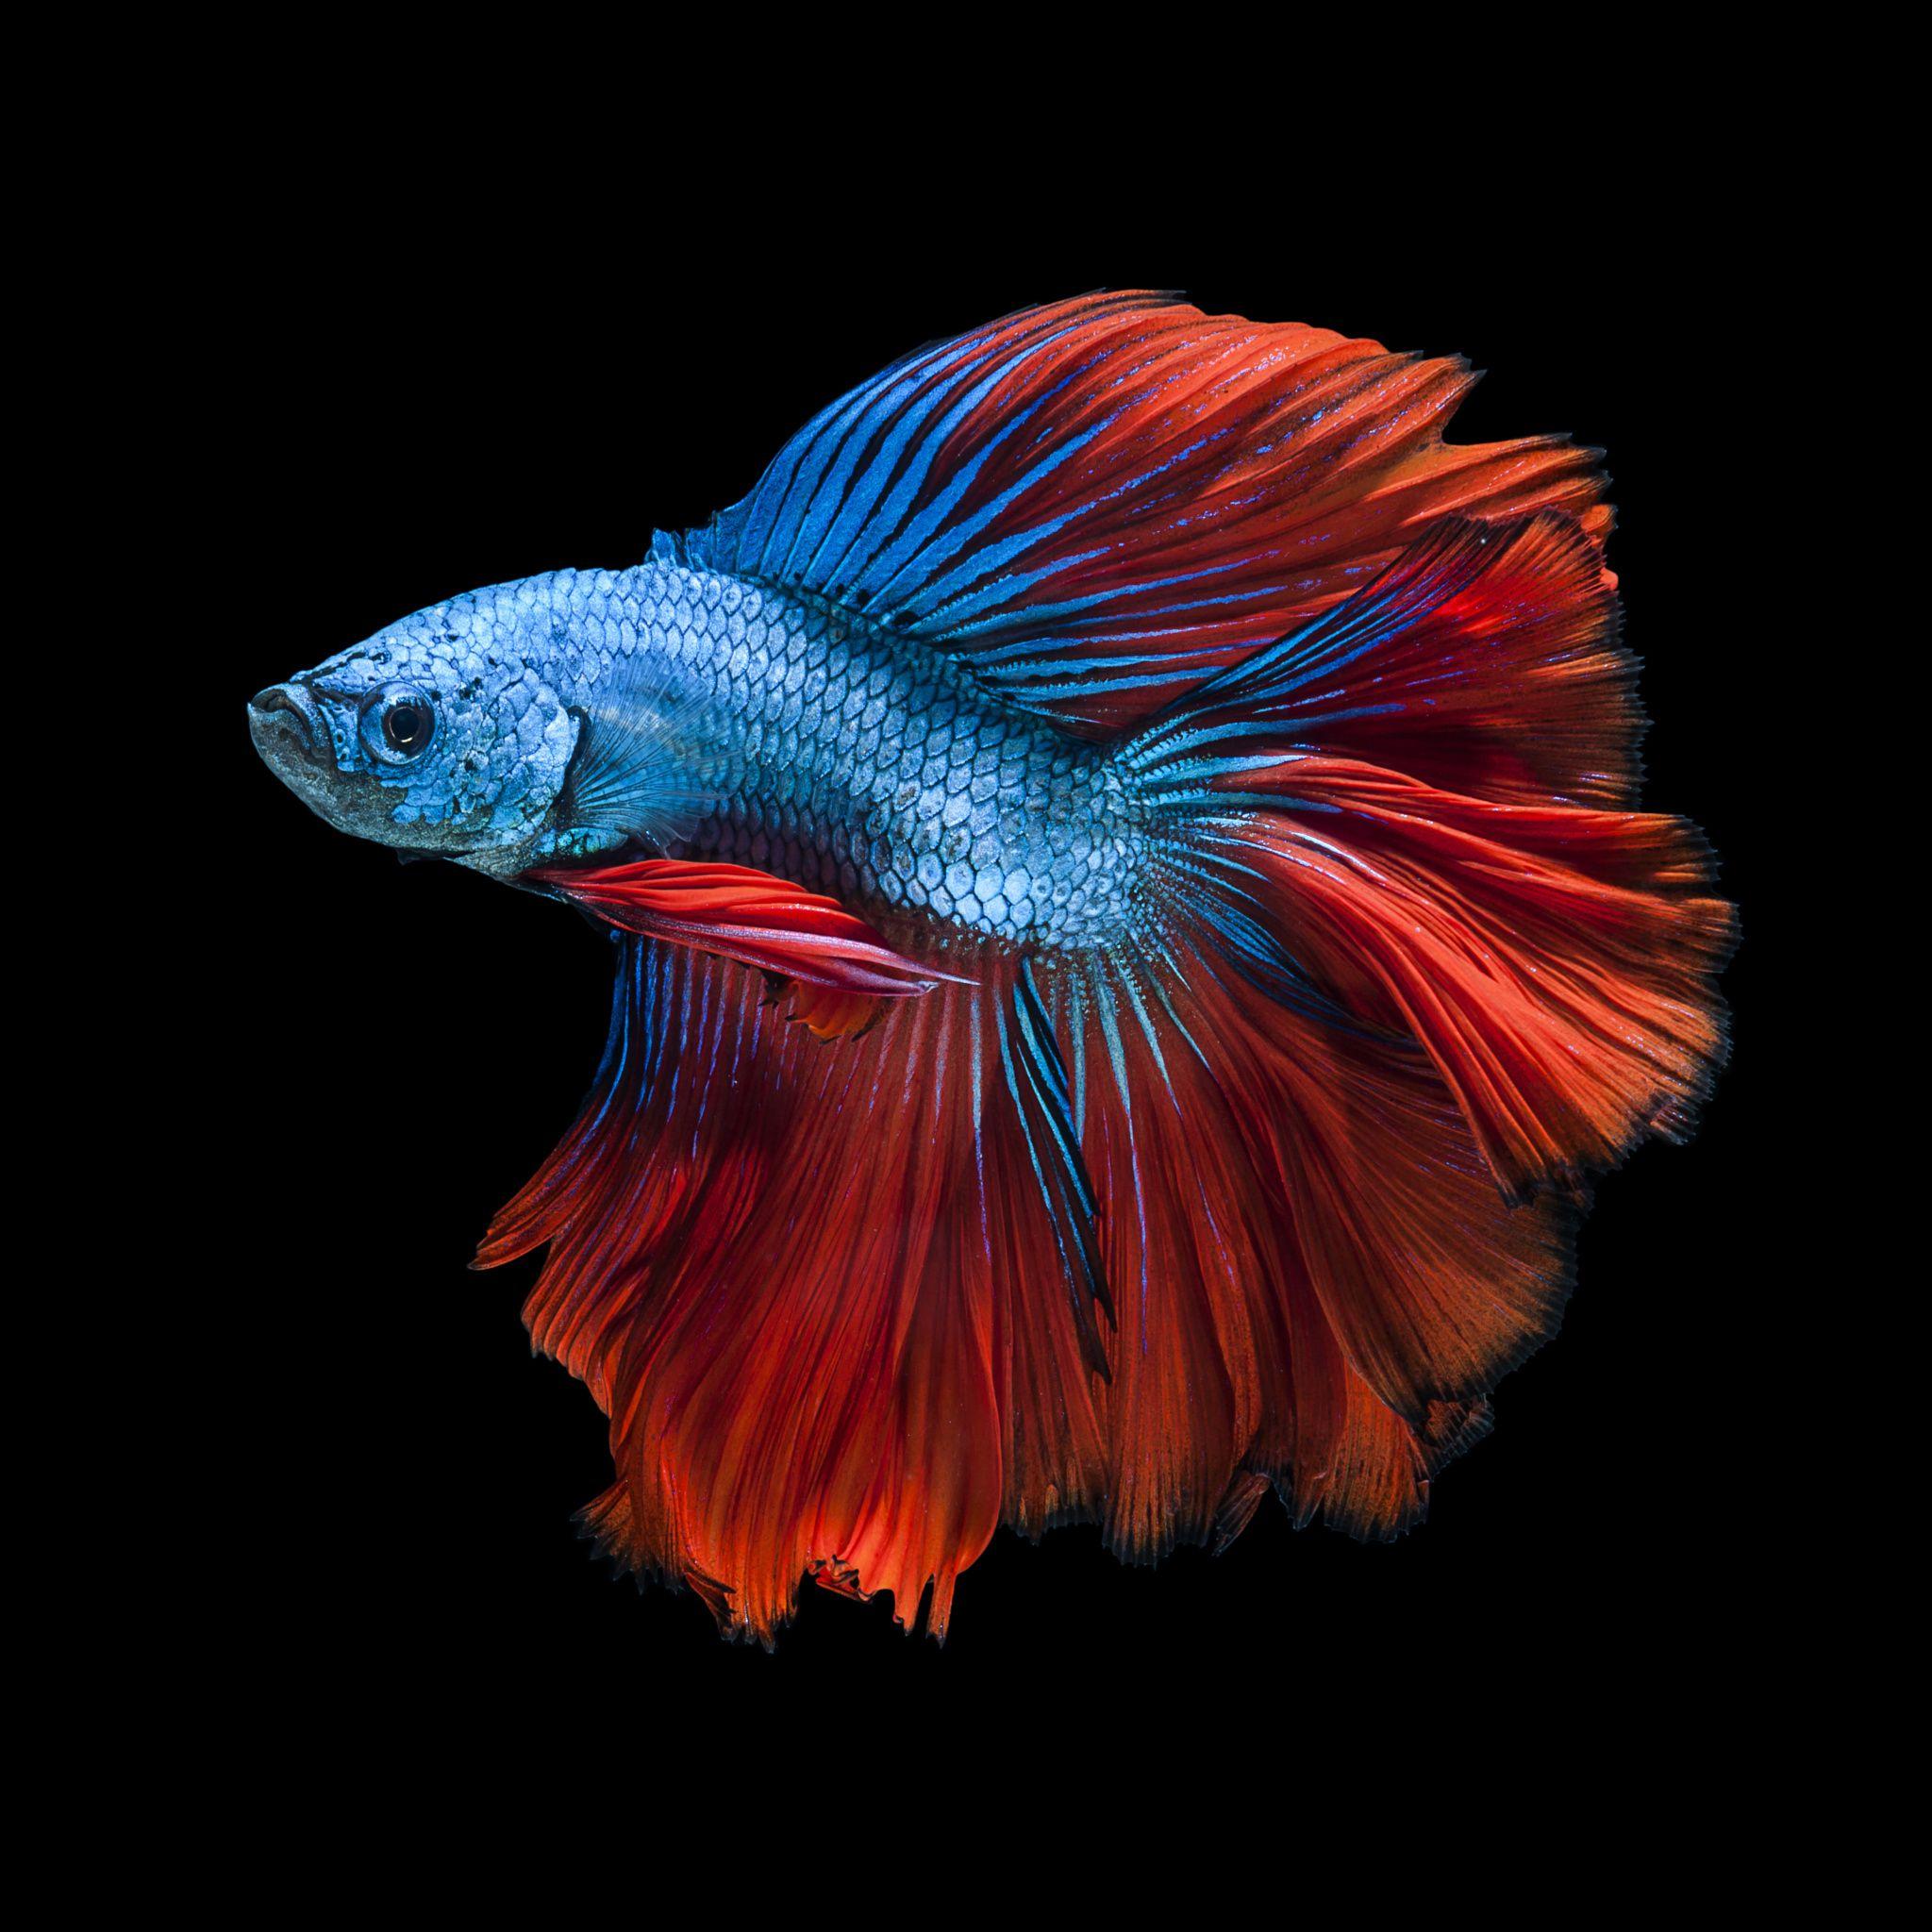 Hình ảnh cá xiêm đẹp nhất